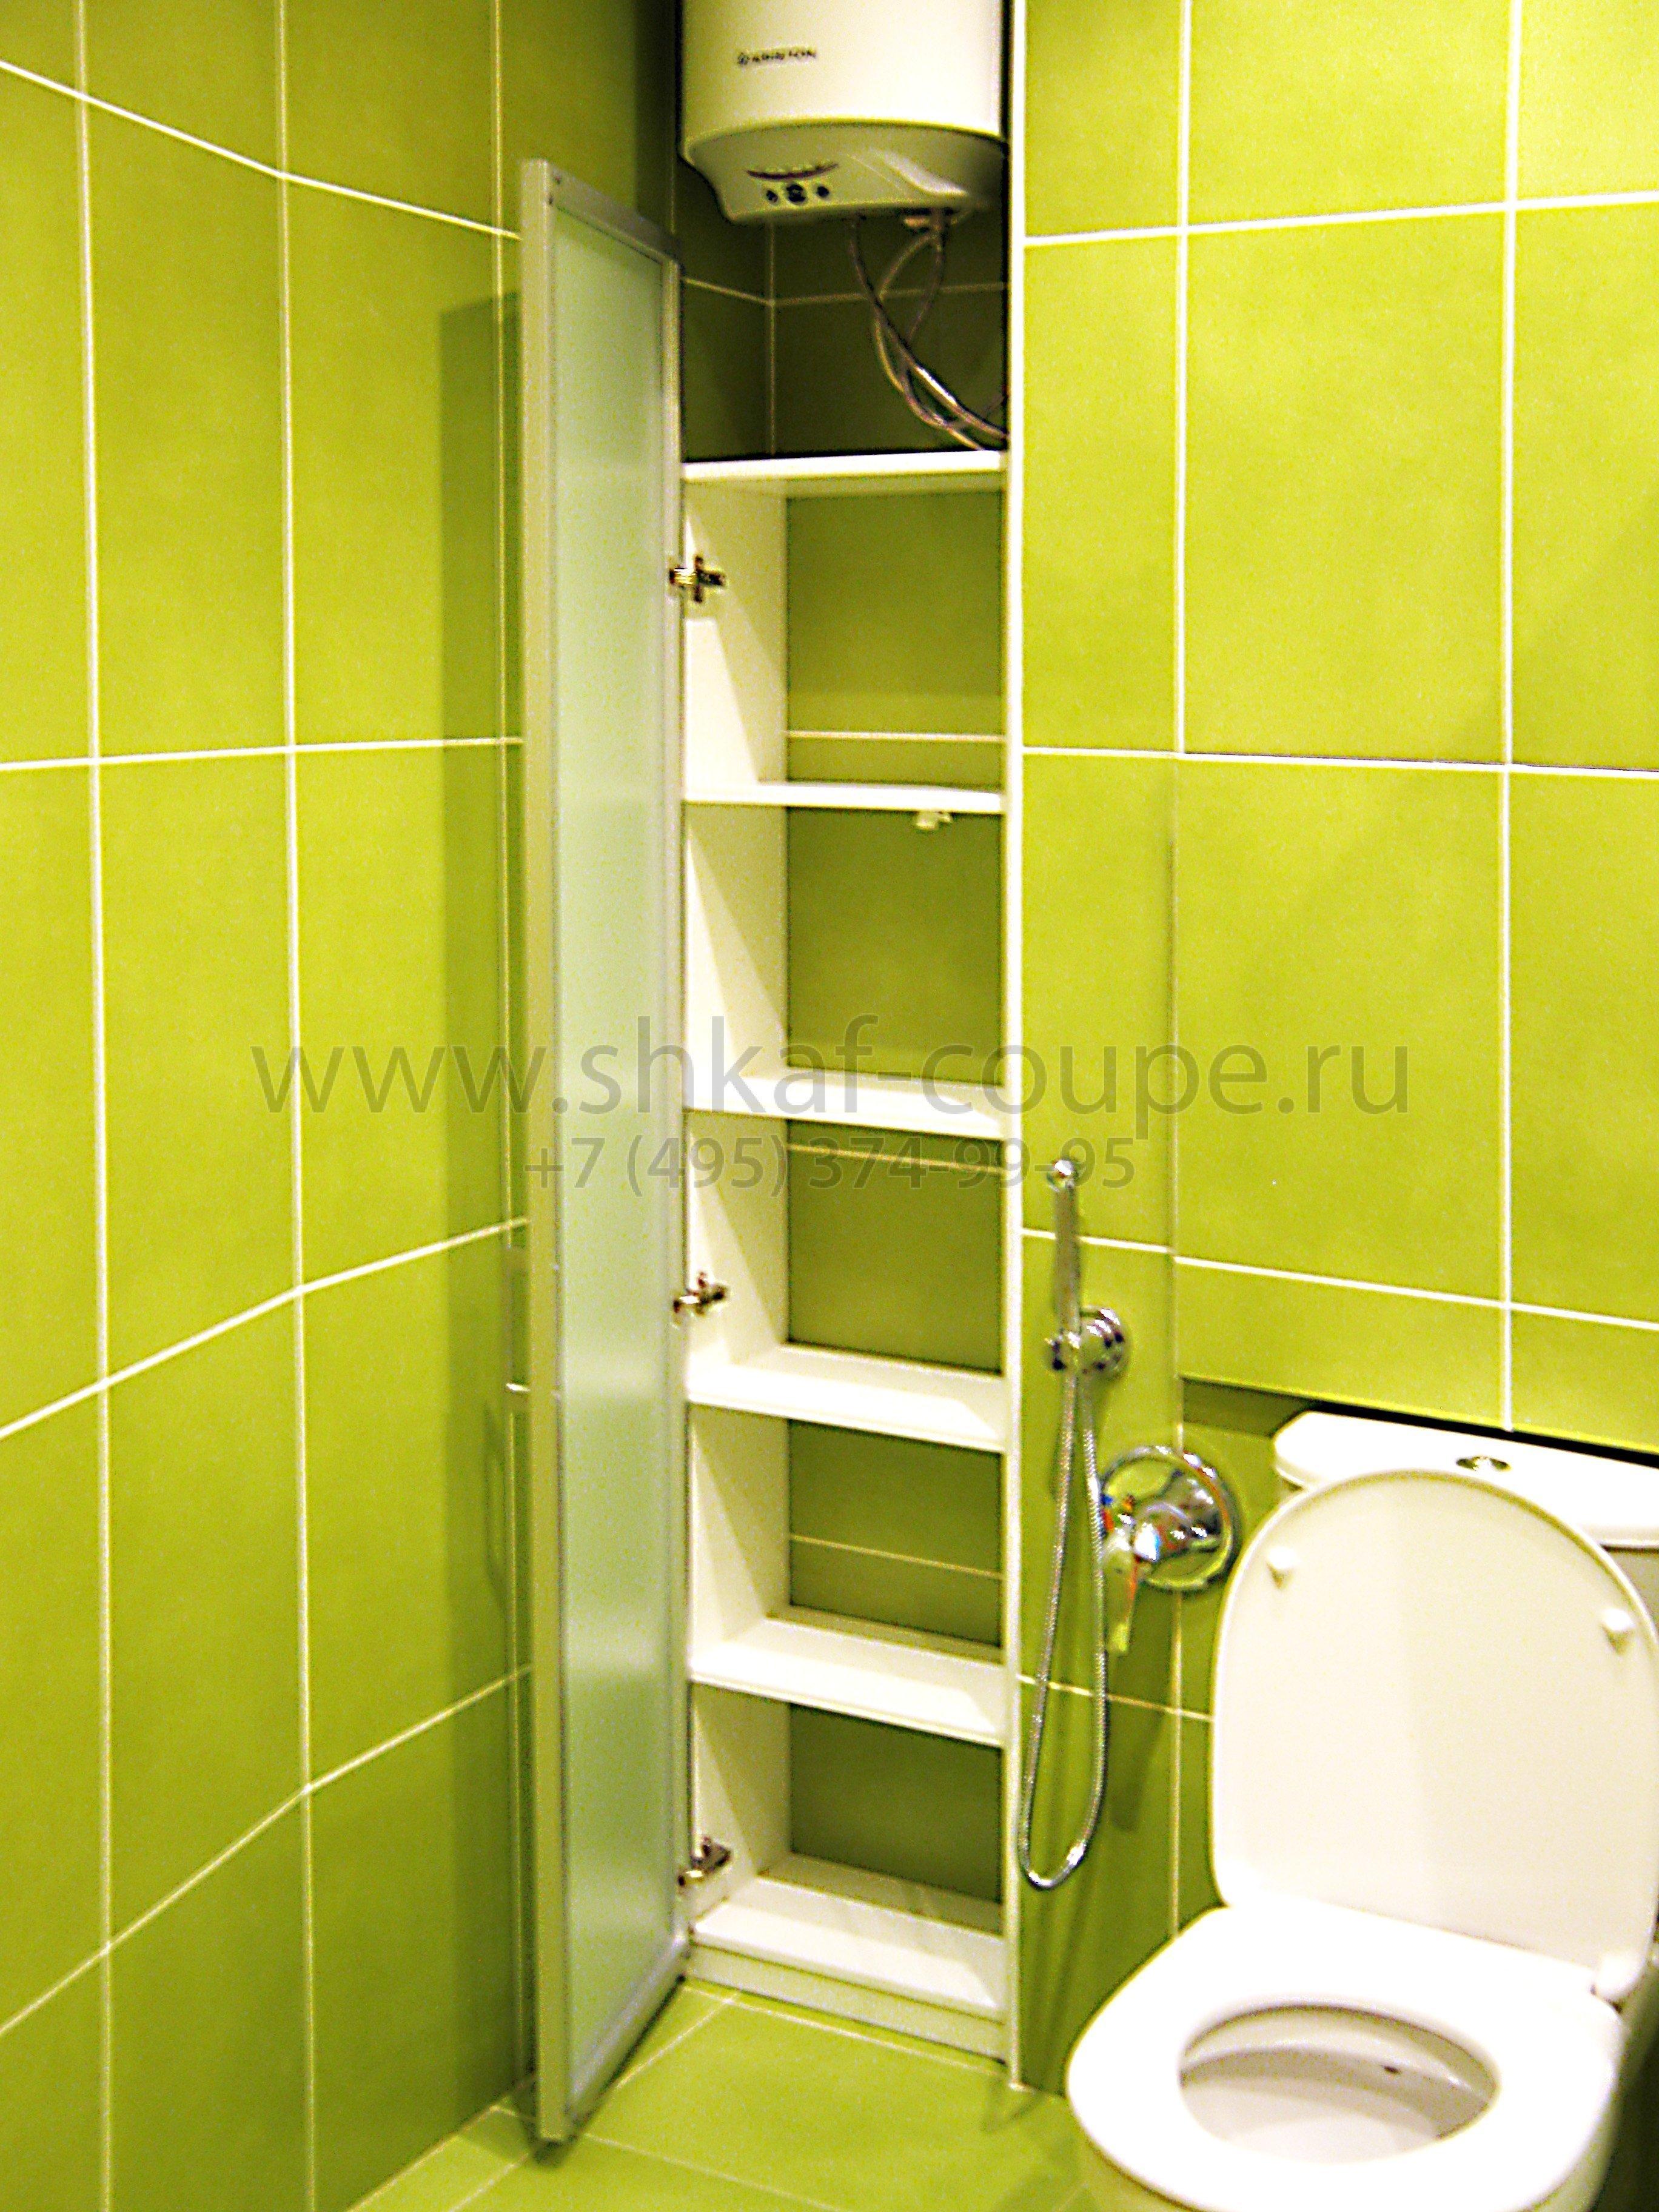 Скрытое фото в ванной 26 фотография